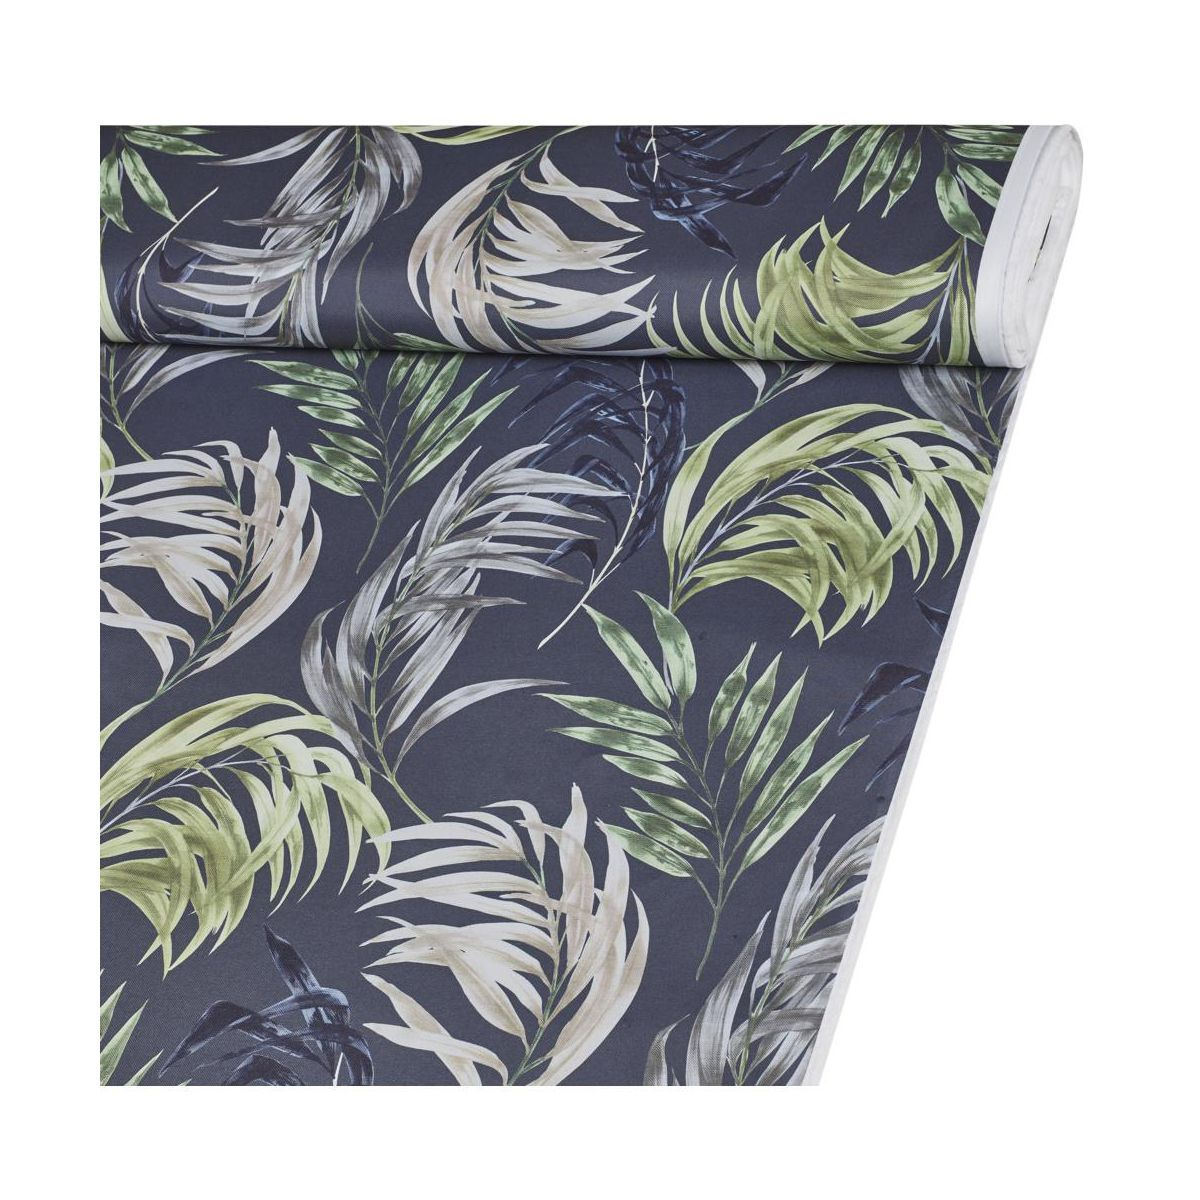 Tkanina Lezakowa Na Mb Tenture Zielona W Liscie Szer 160 Cm Tkaniny Na Metry W Atrakcyjnej Cenie W Sklepach Leroy M Prints Printed Shower Curtain Curtains